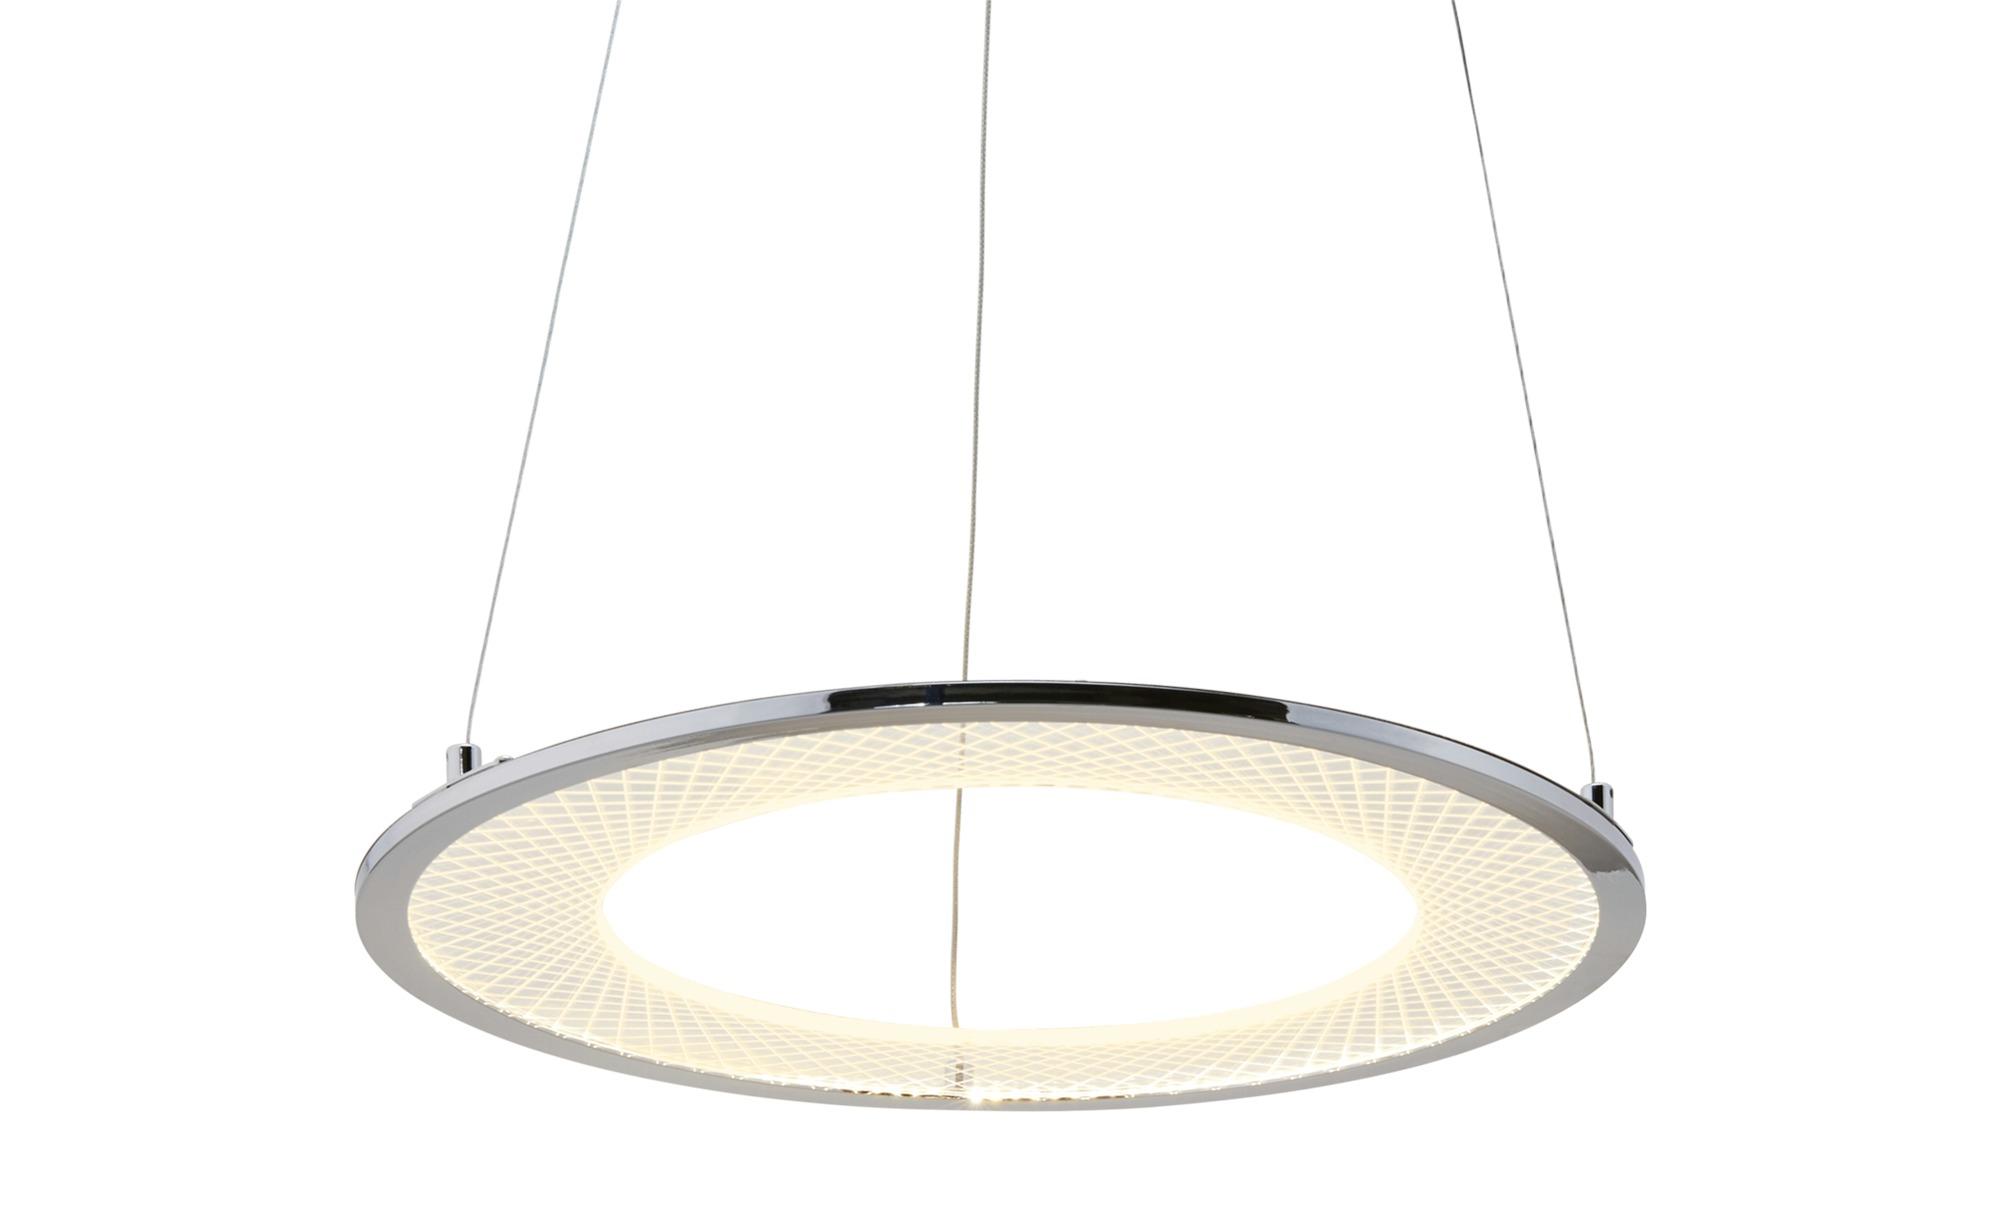 KHG LED-Pendelleuchte, chrom, Acrylring ¦ silber ¦ Maße (cm): H: 150 Ø: [46.5] Lampen & Leuchten > LED-Leuchten > LED-Pendelleuchten - Höffner